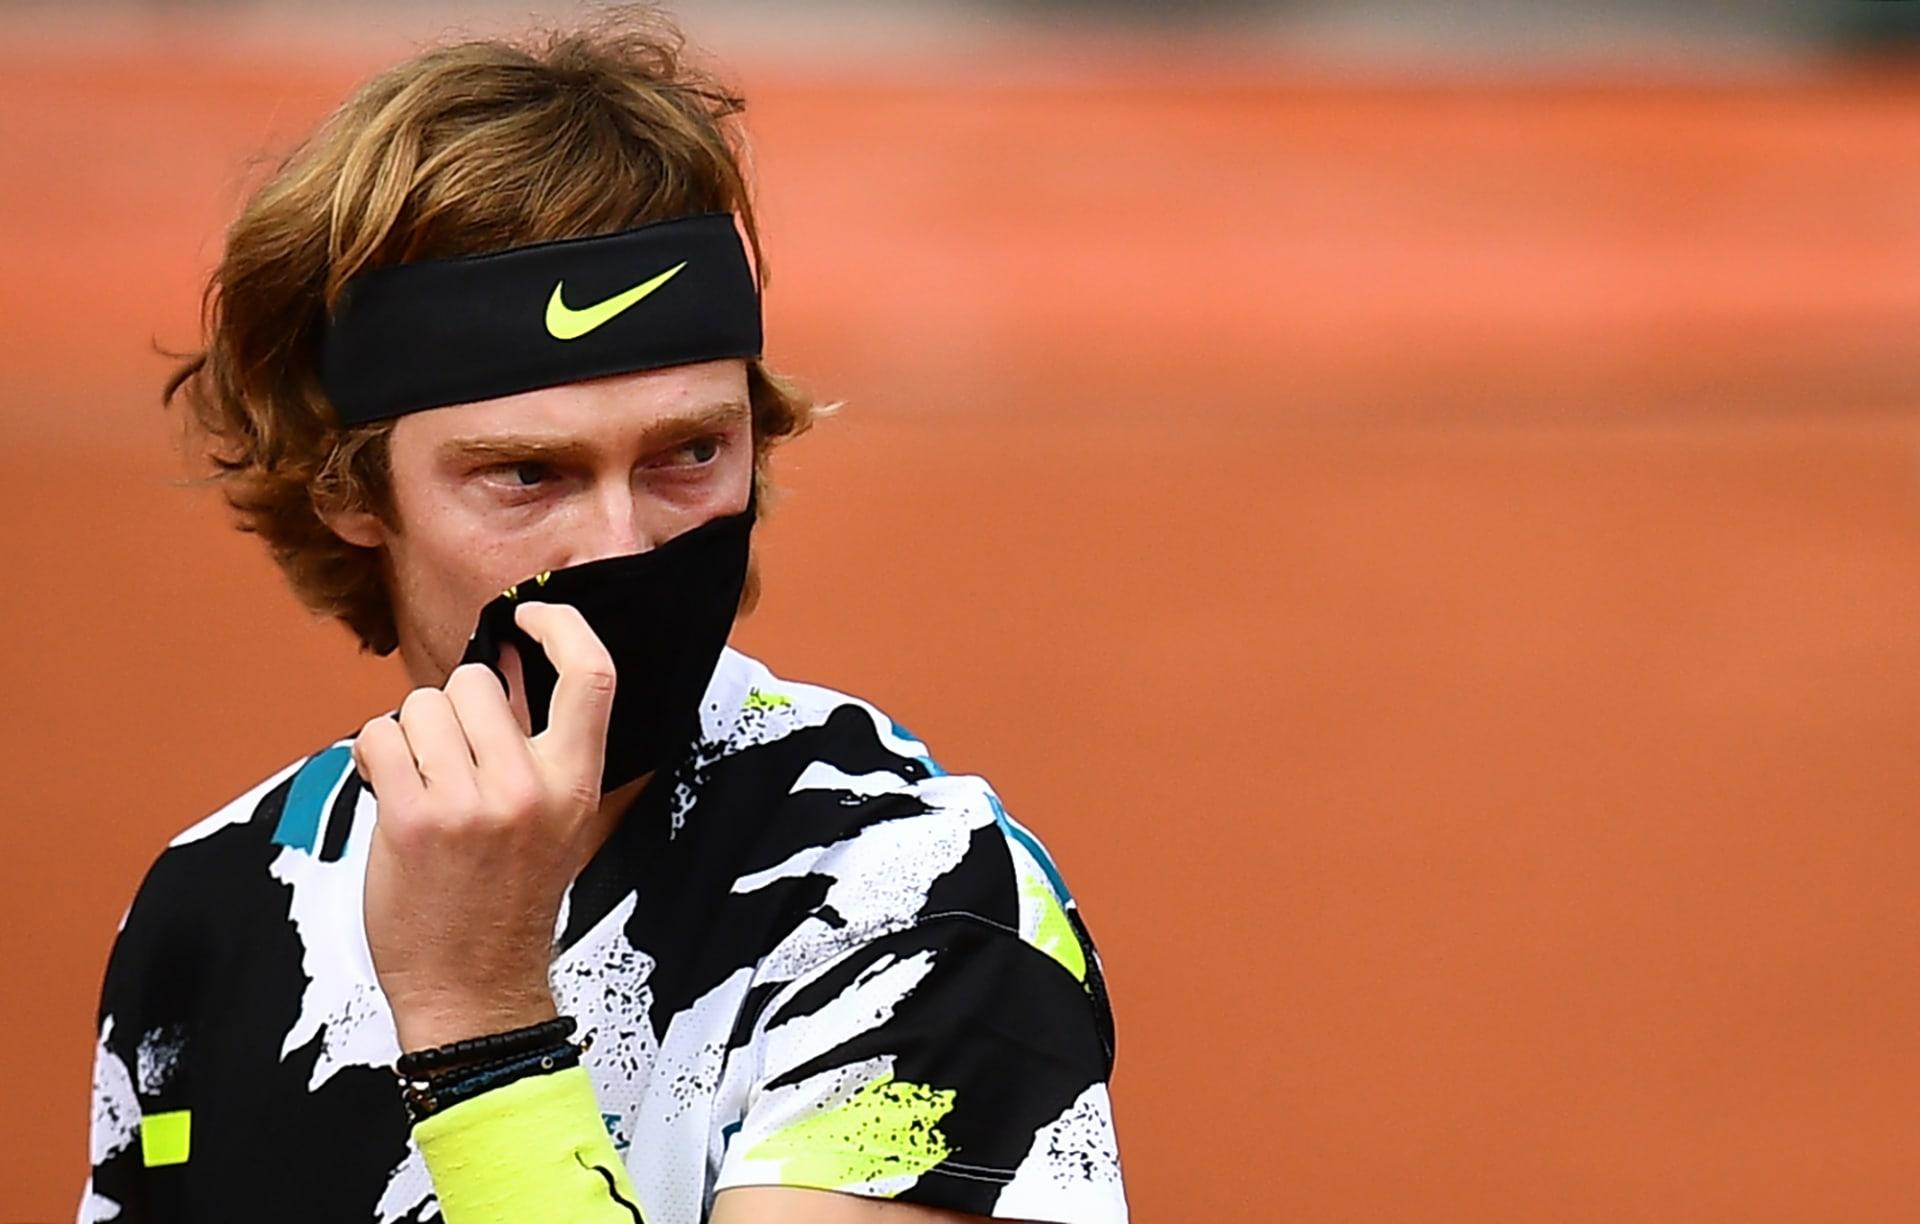 اتهام لاعب تنس أمريكي بالفرار من روسيا بعد ثبوت إصابته بكورونا